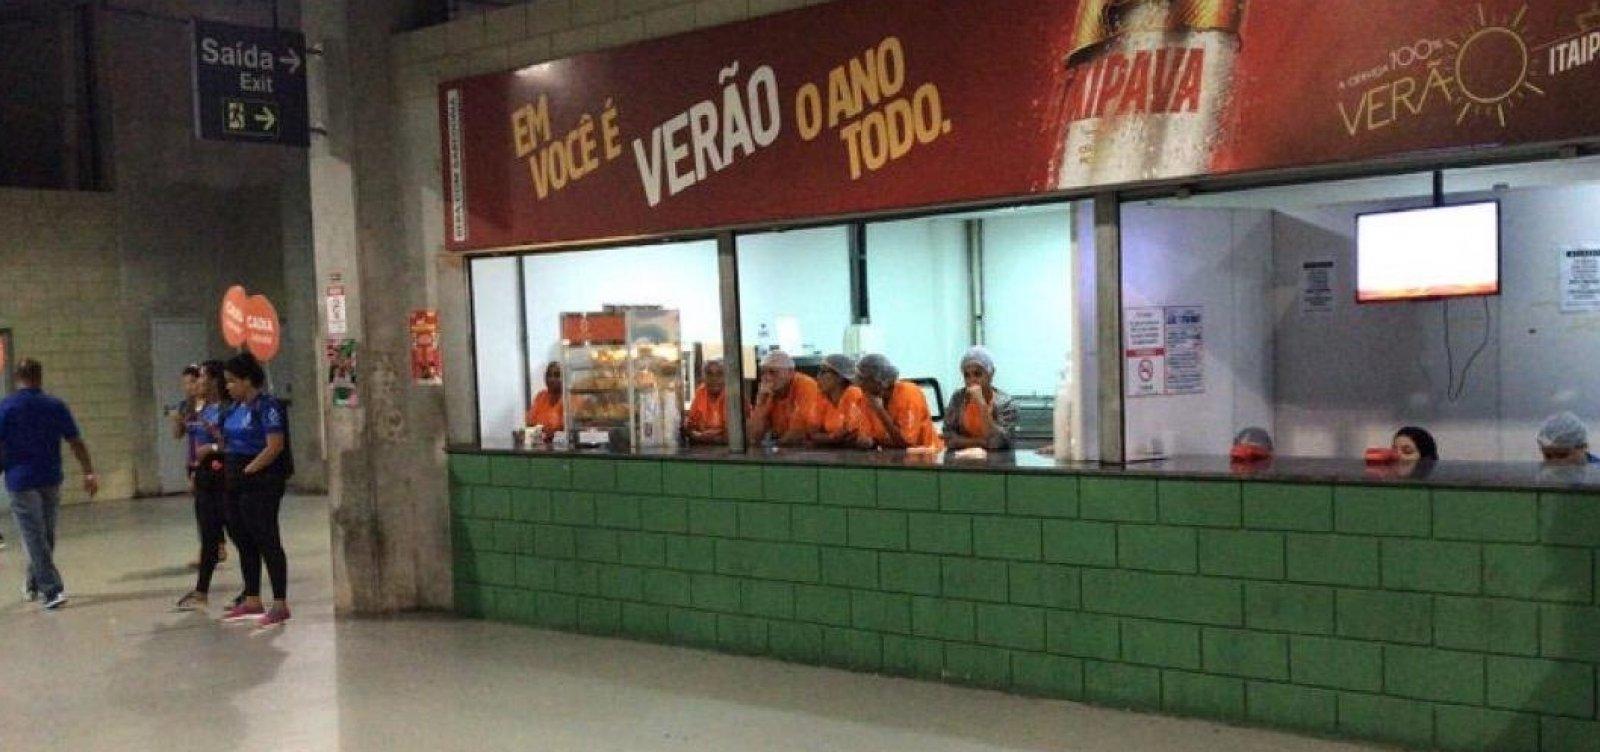 [Após campanha, torcida do Bahia boicota venda de cerveja na Fonte Nova]